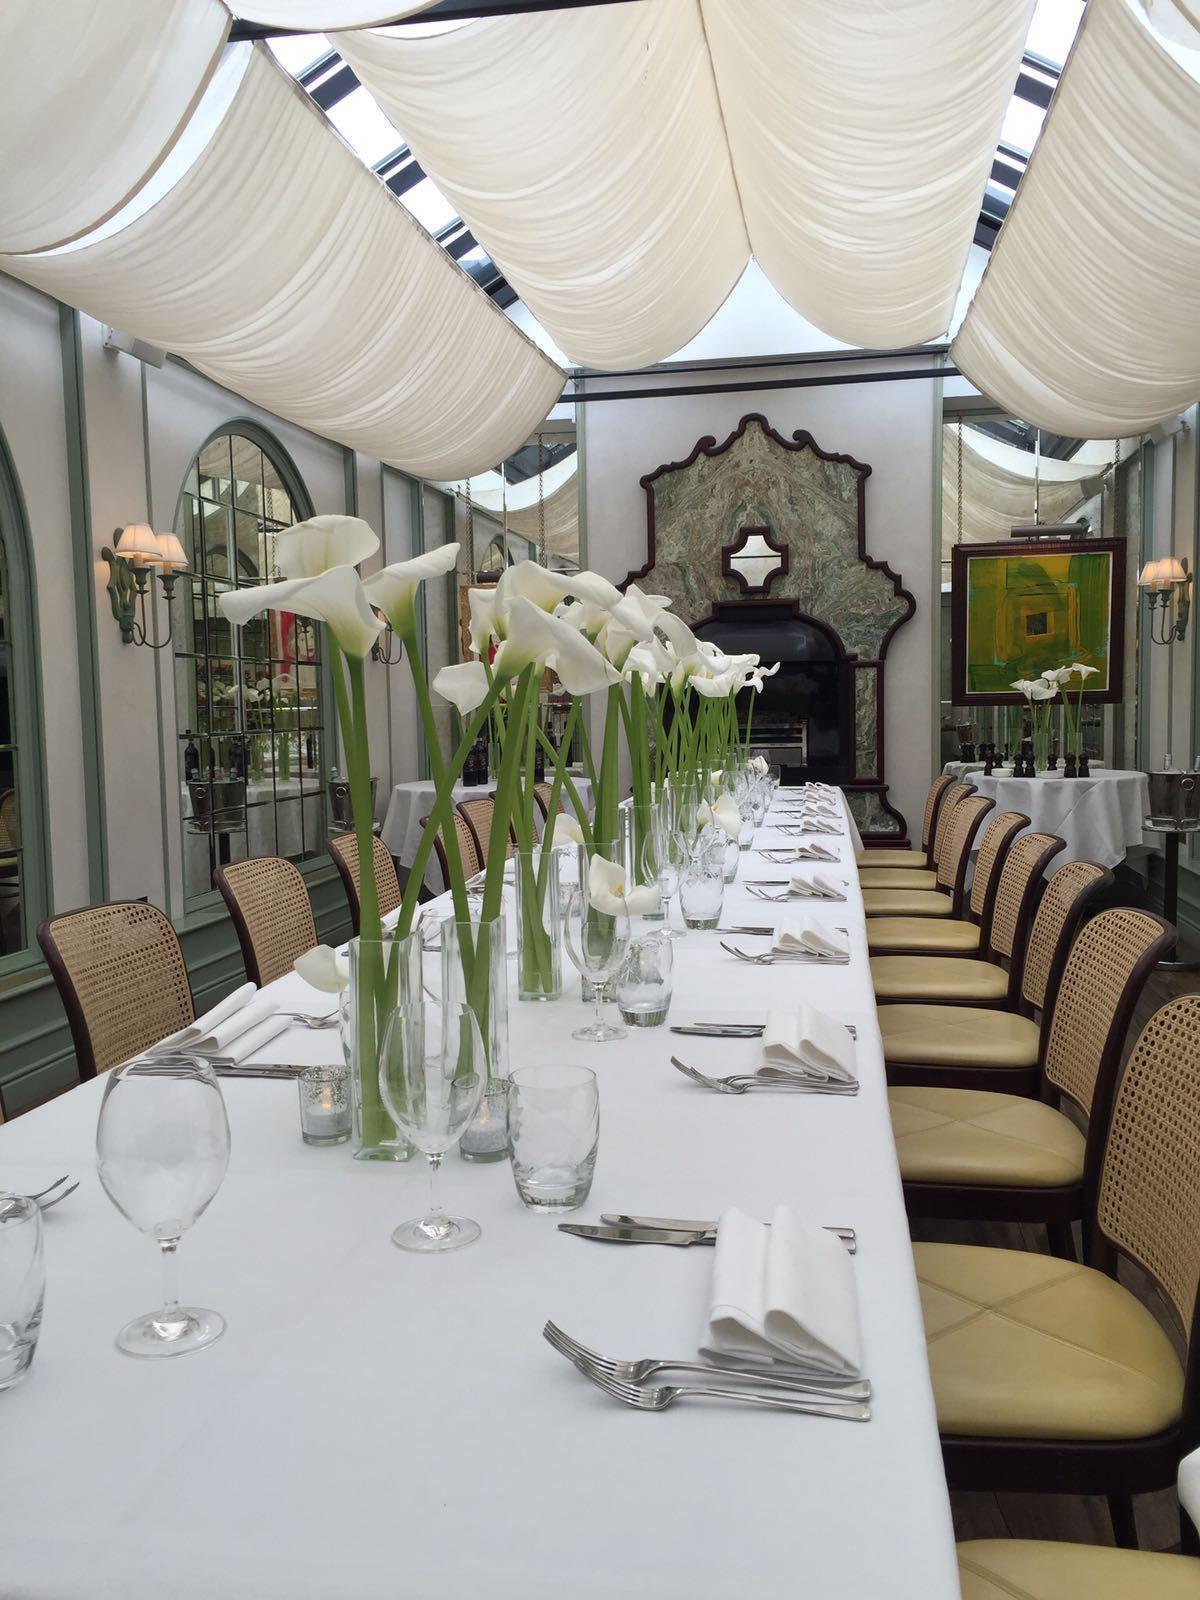 Creventive Daphnes Private Party London Event Design Production Lighting Entertainment Floral